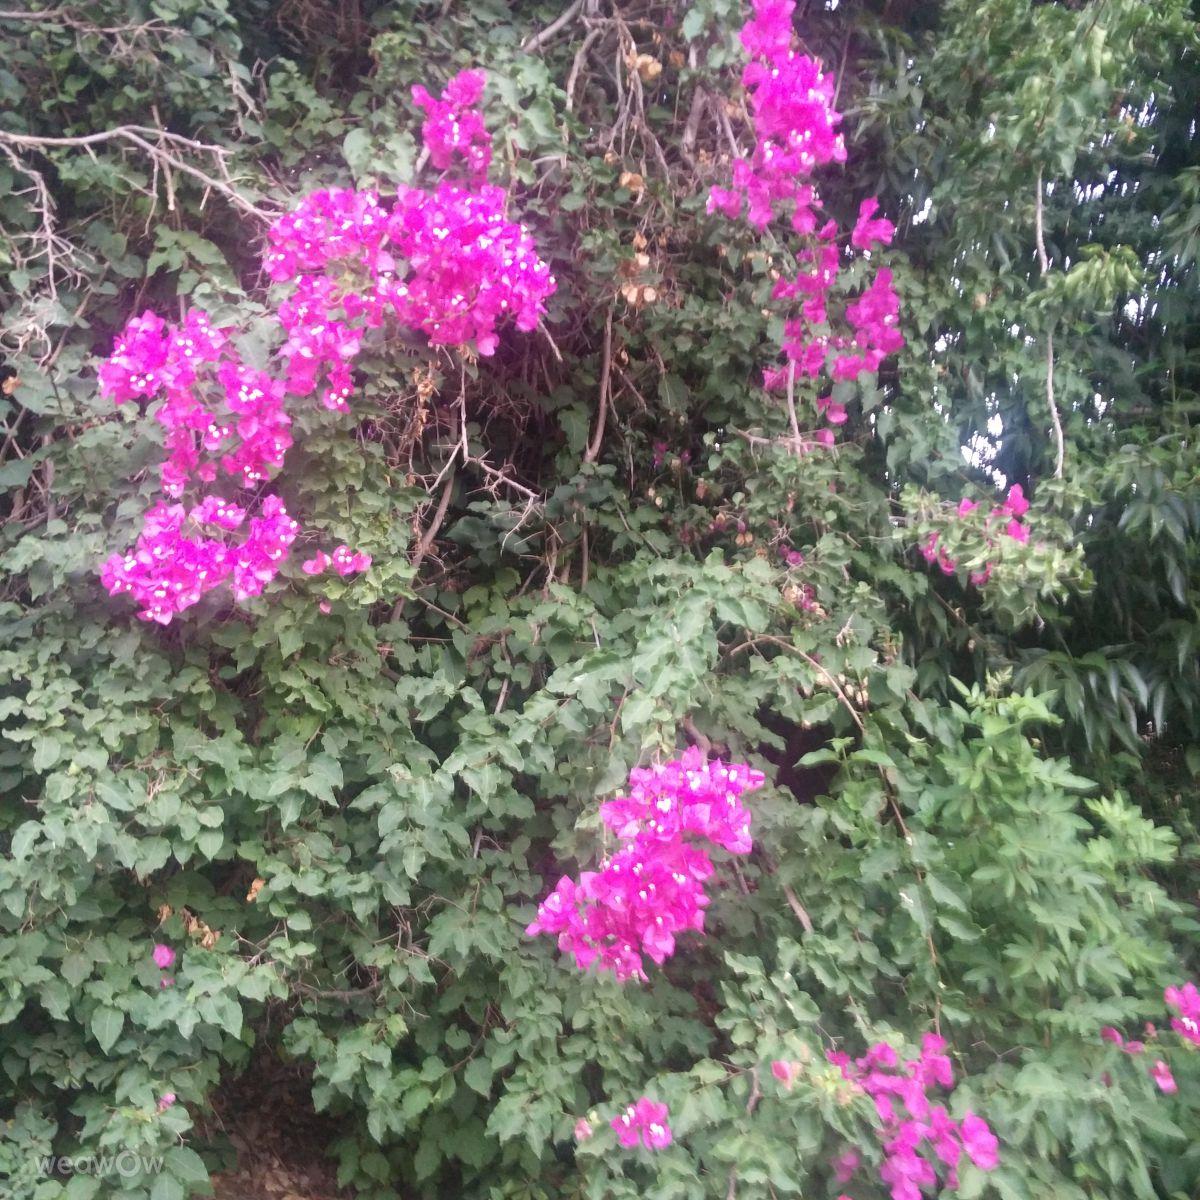 Qiryat Yam的天气照片. 天气预报,带Tom22san精美的照片